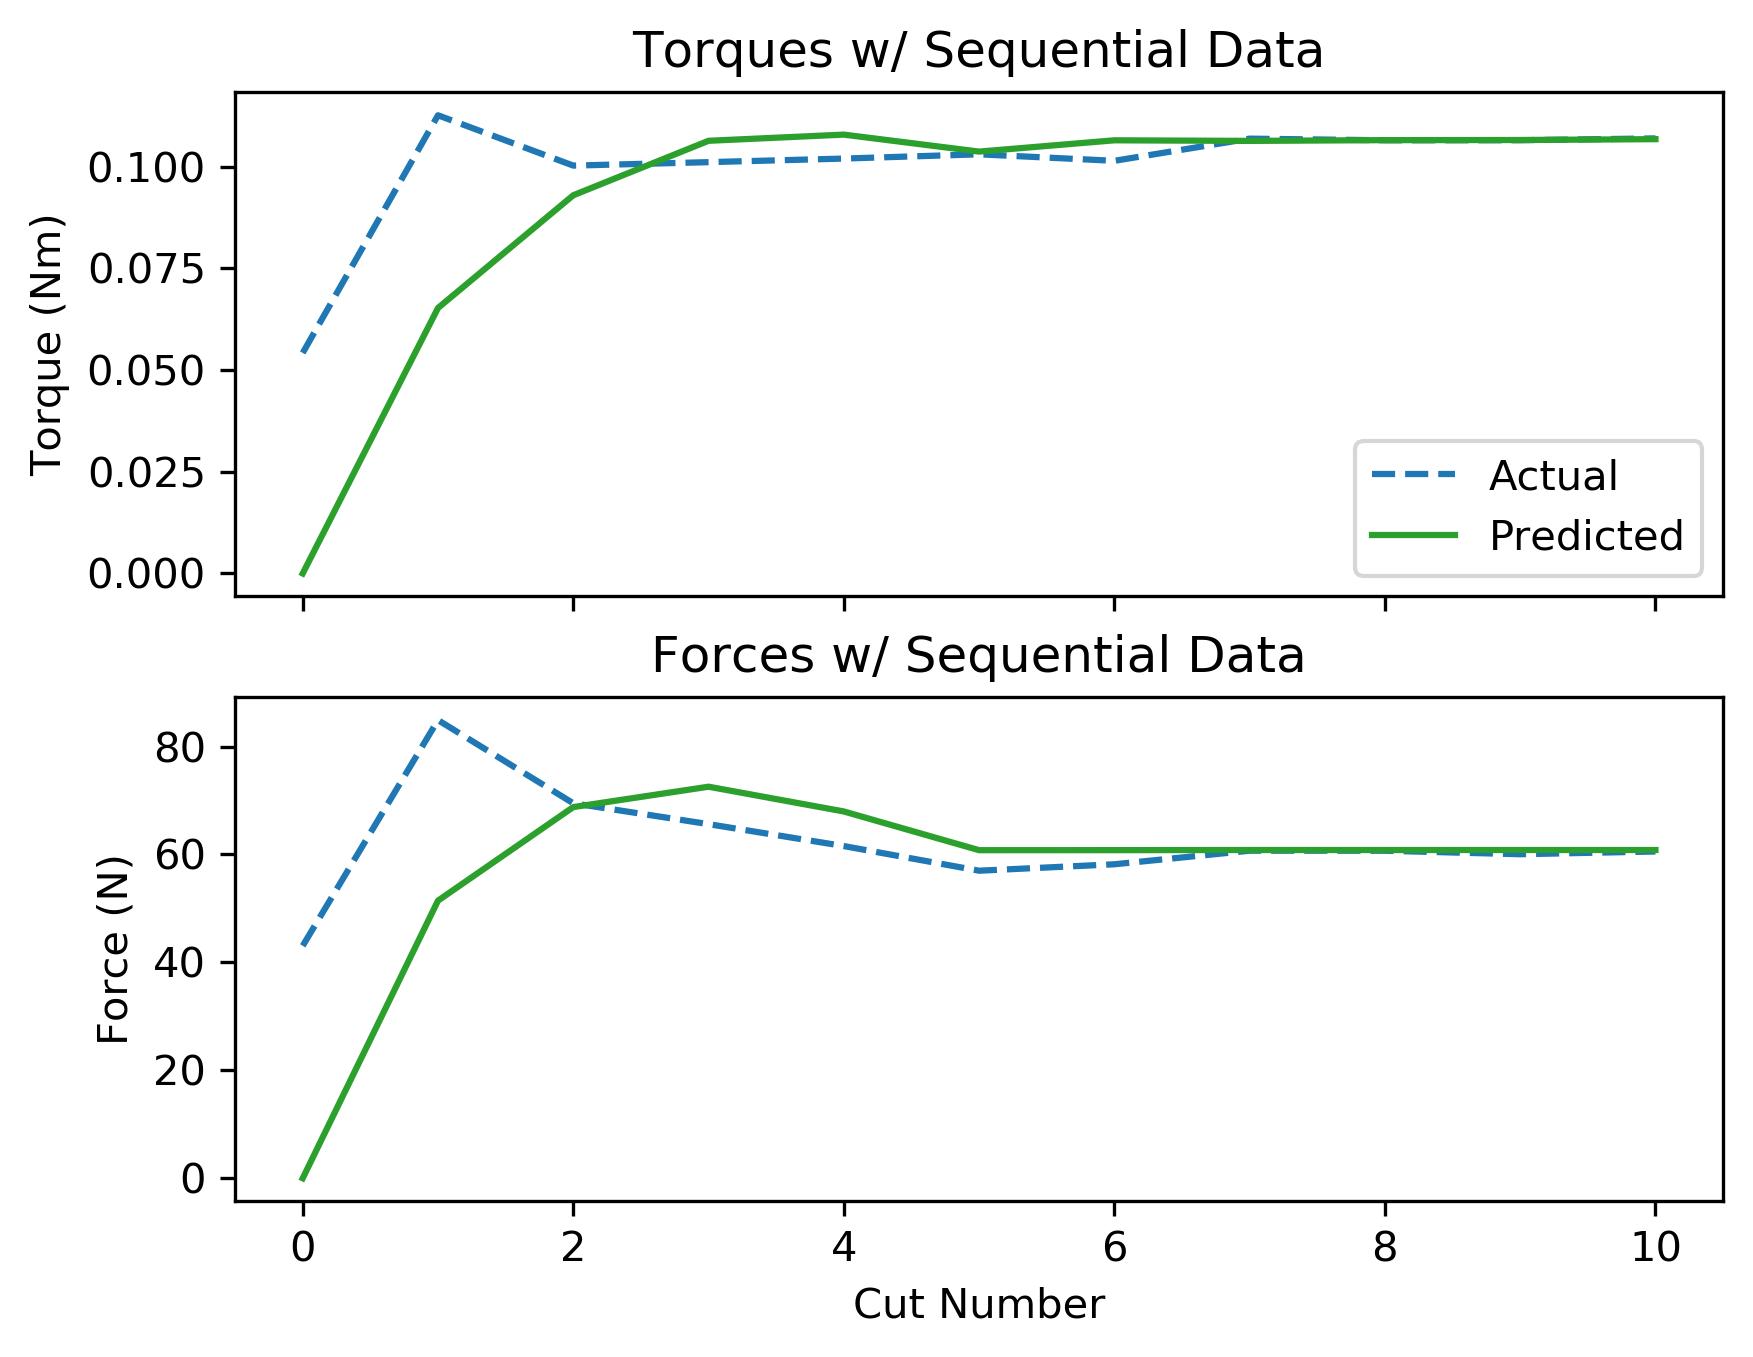 assets/ammp_graphs/ammp-lcs-1_8_seq_data.png